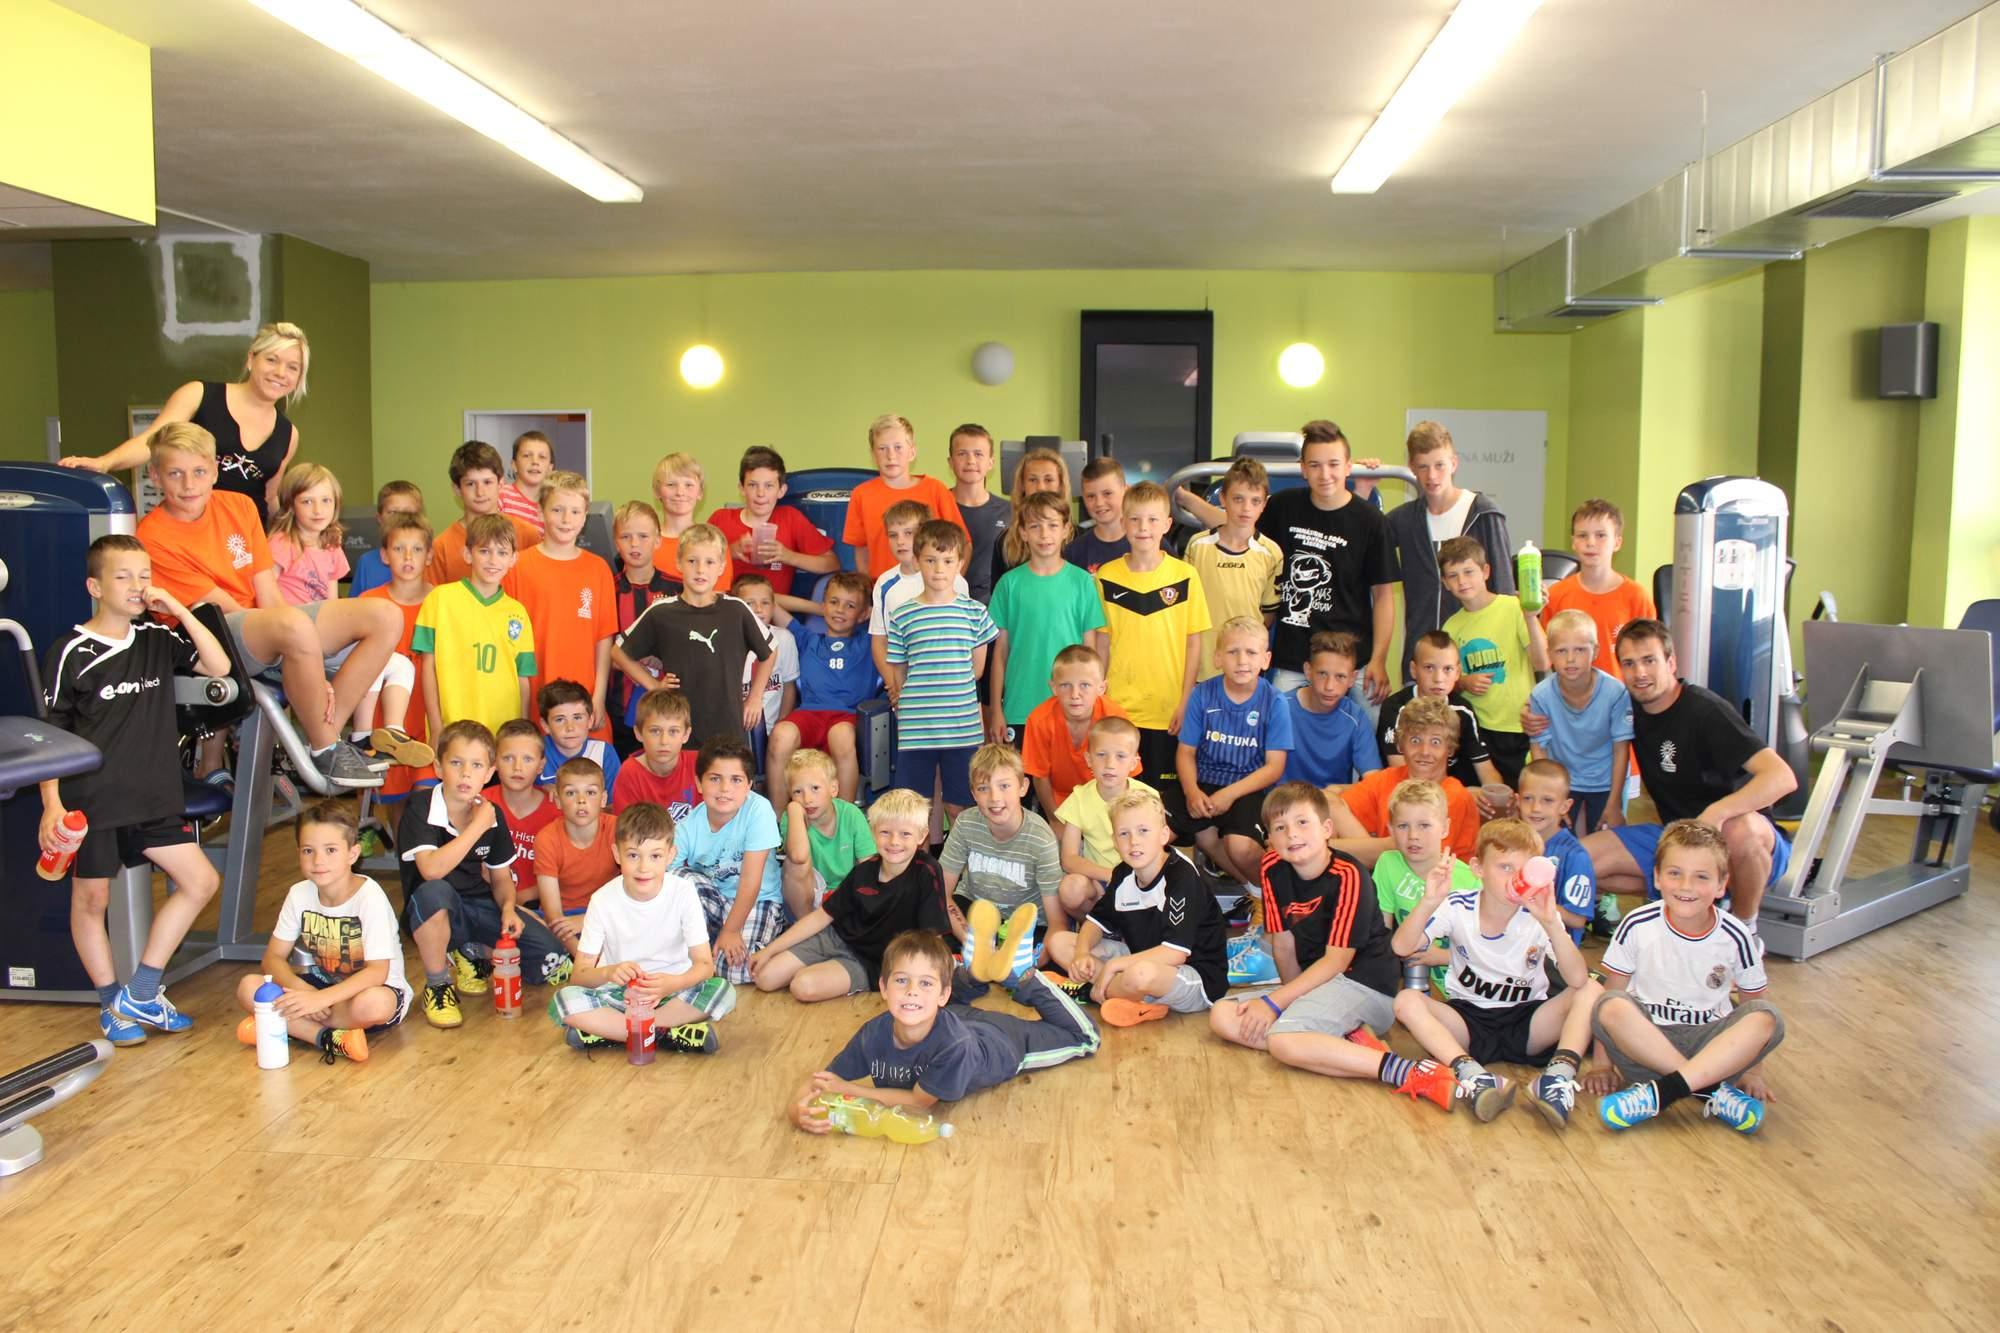 Fotbalové prázdniny Fotbalový kemp Fotbalové Prázdniny 2014 Společná s Aničkou